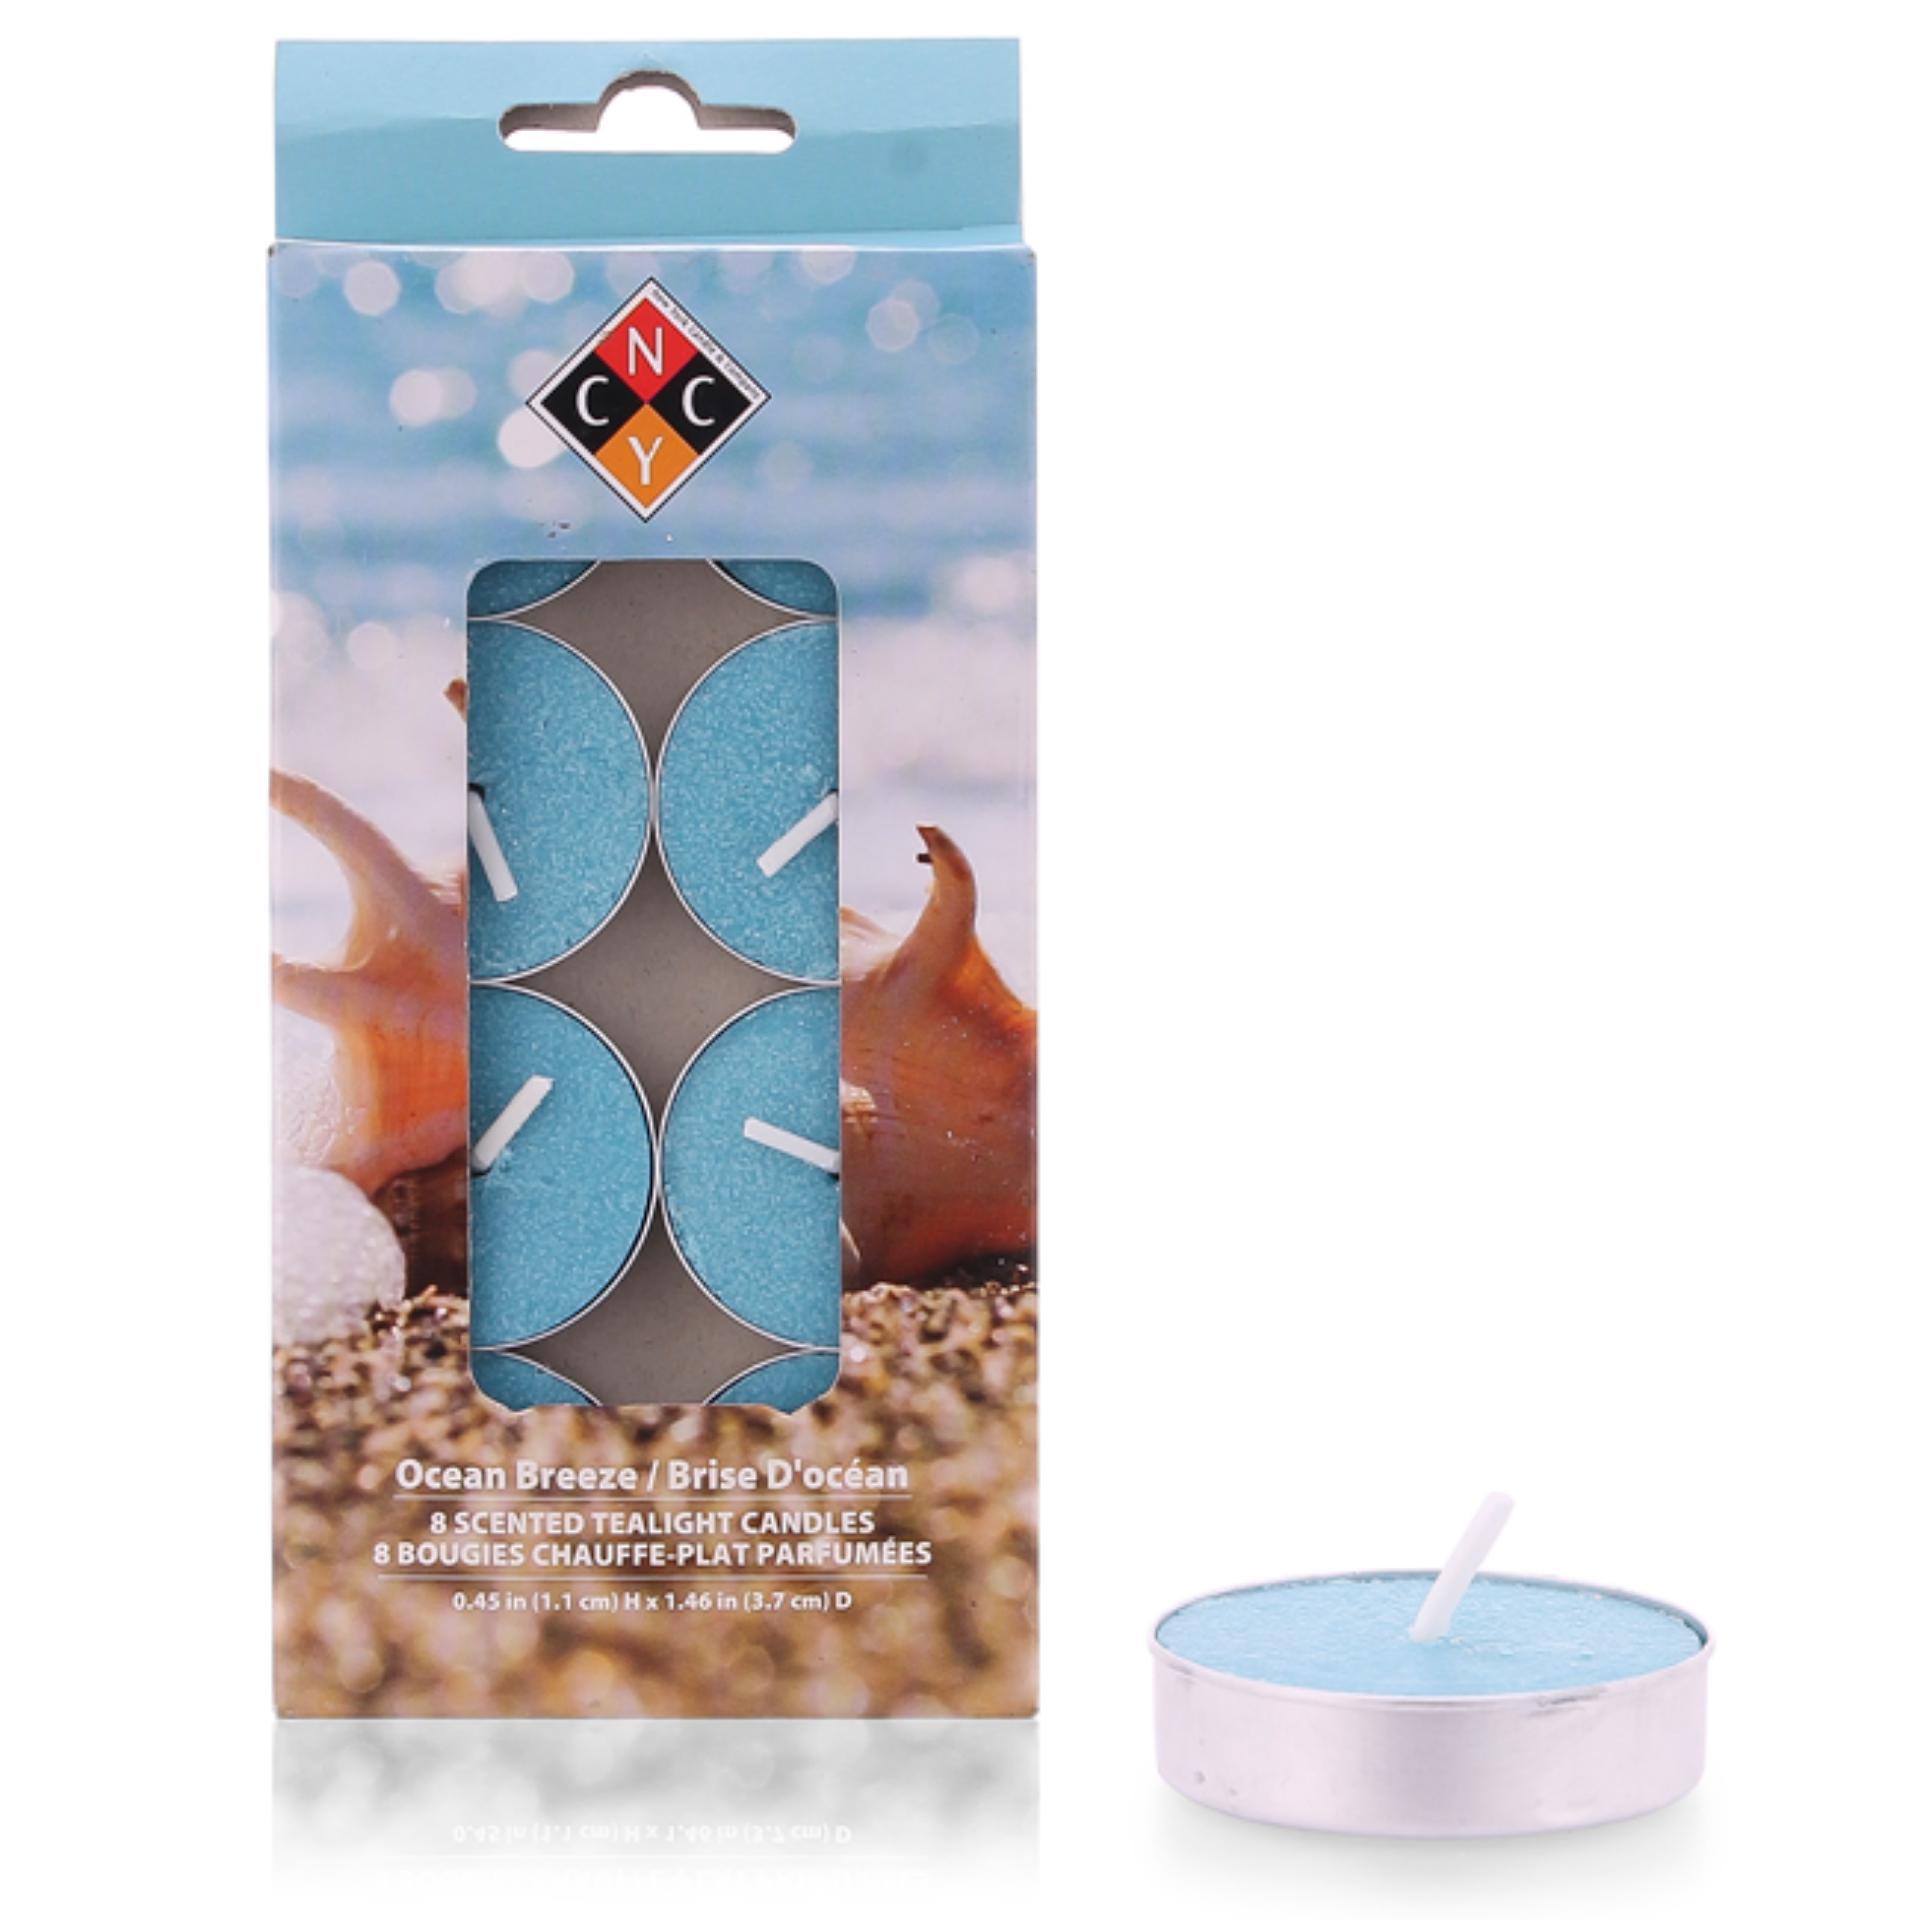 Hộp 8 nến tealight thơm cao cấp hương Ocean Breeze NYCandle FtraMart EDC-NYC08 (Xanh nước biển)